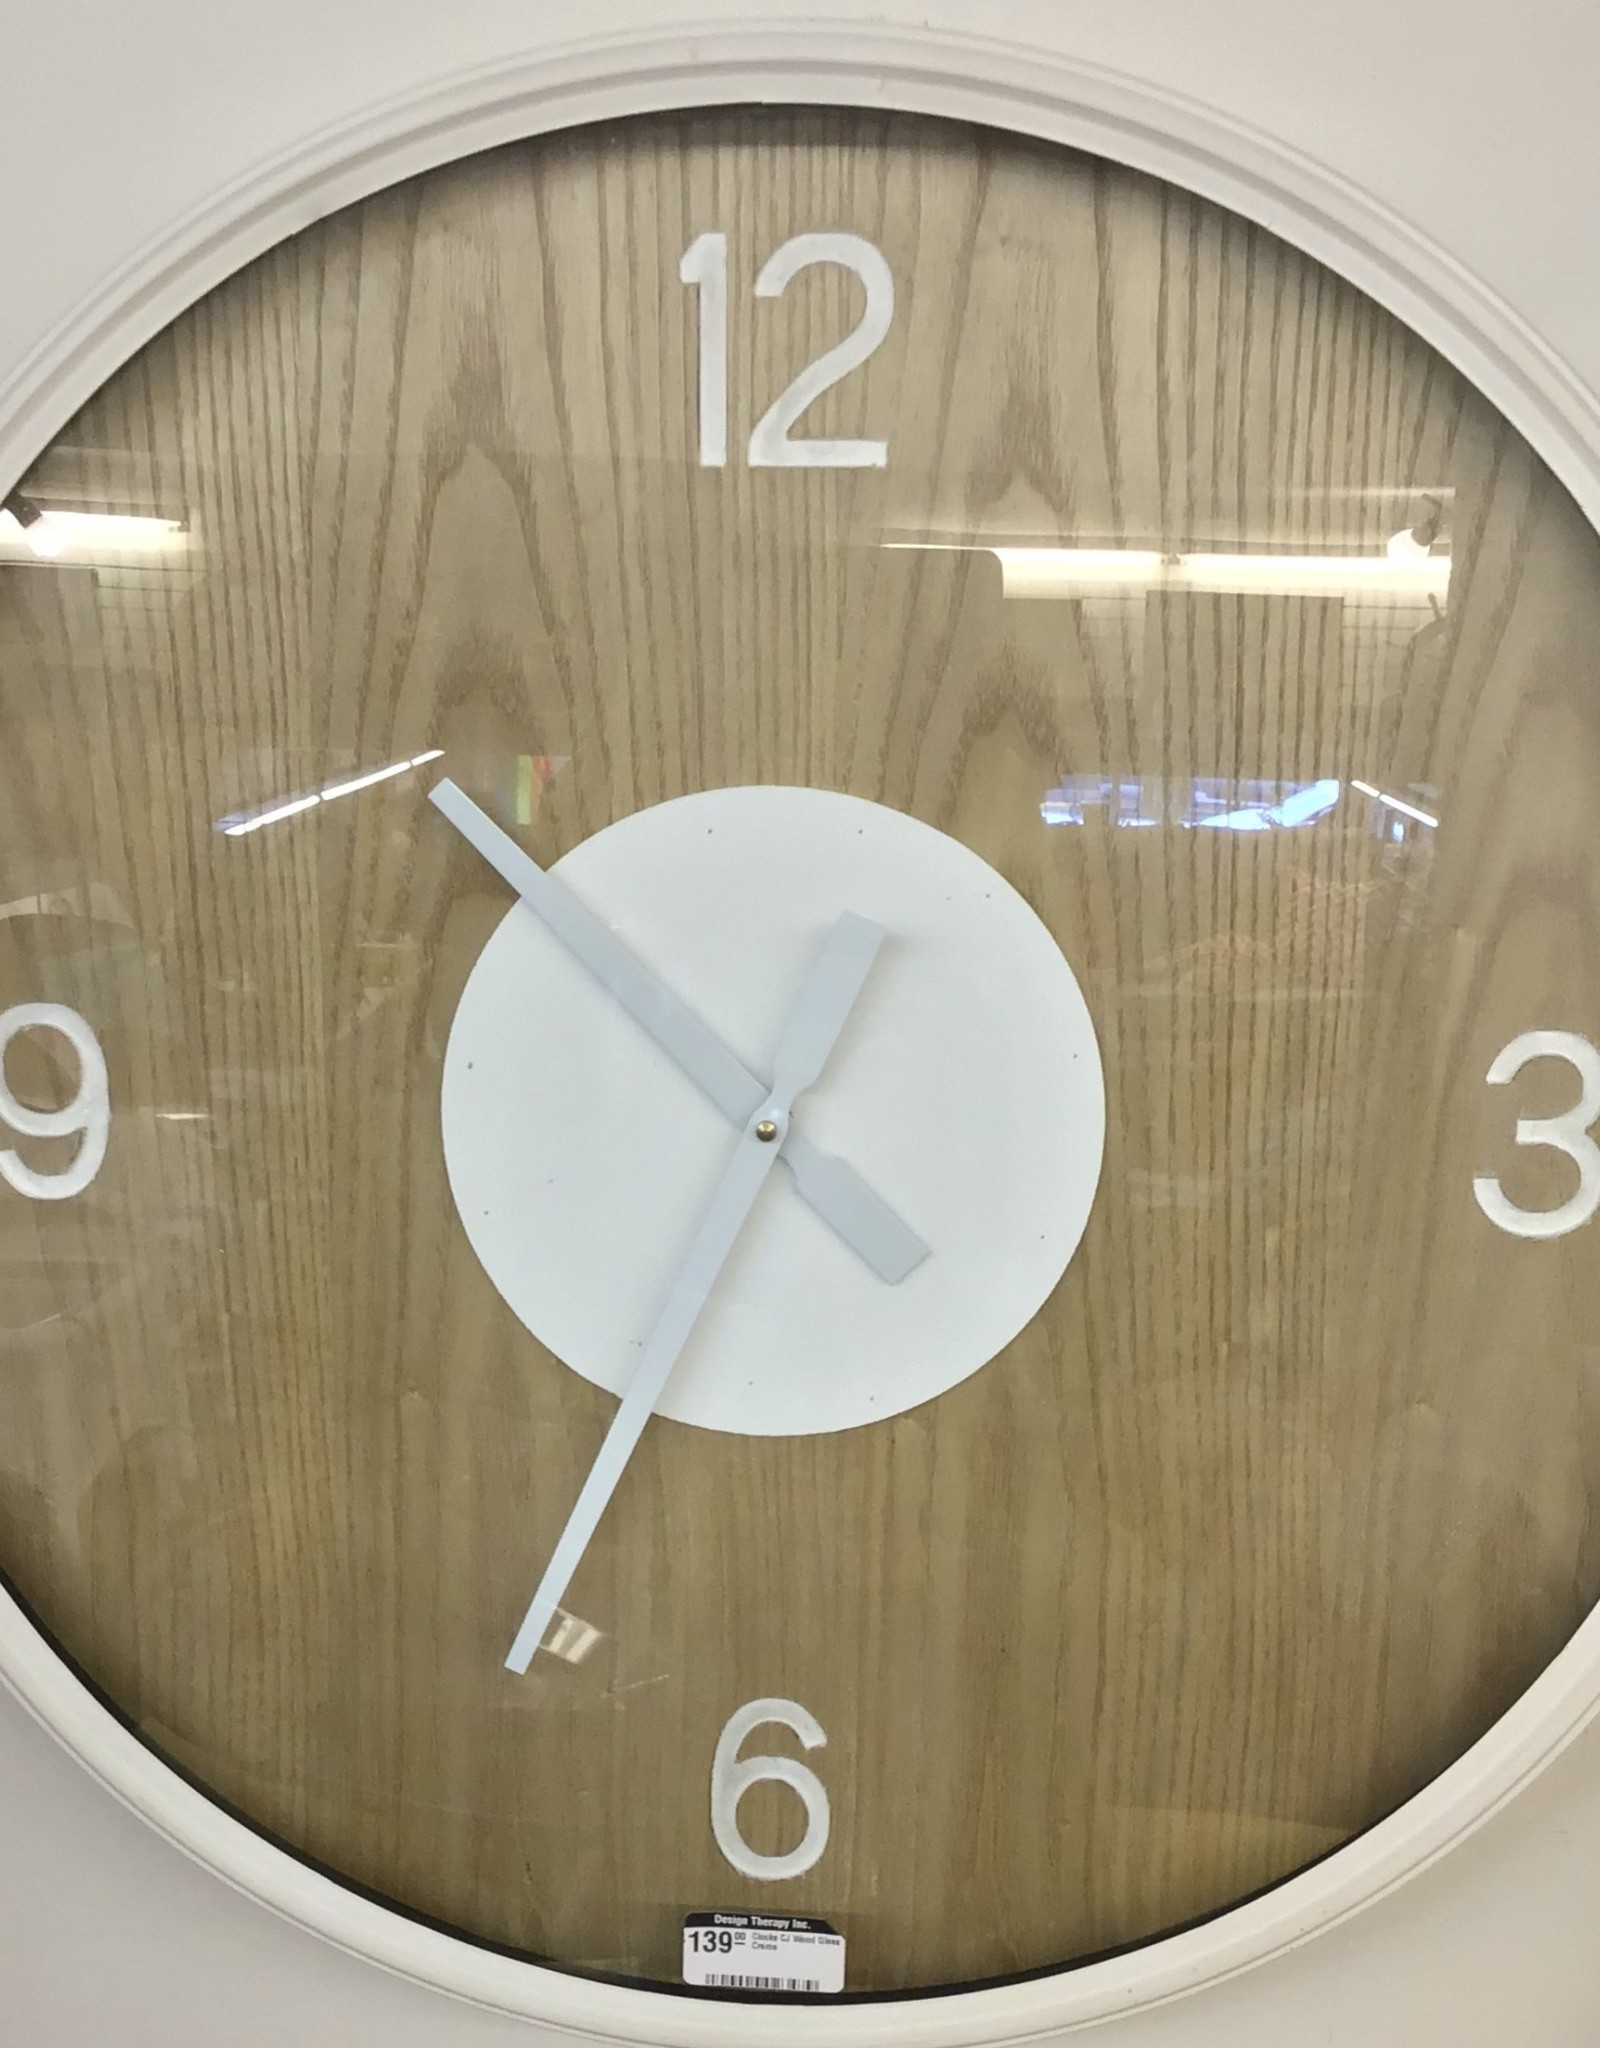 Clocks CJ Wood Glass Creme